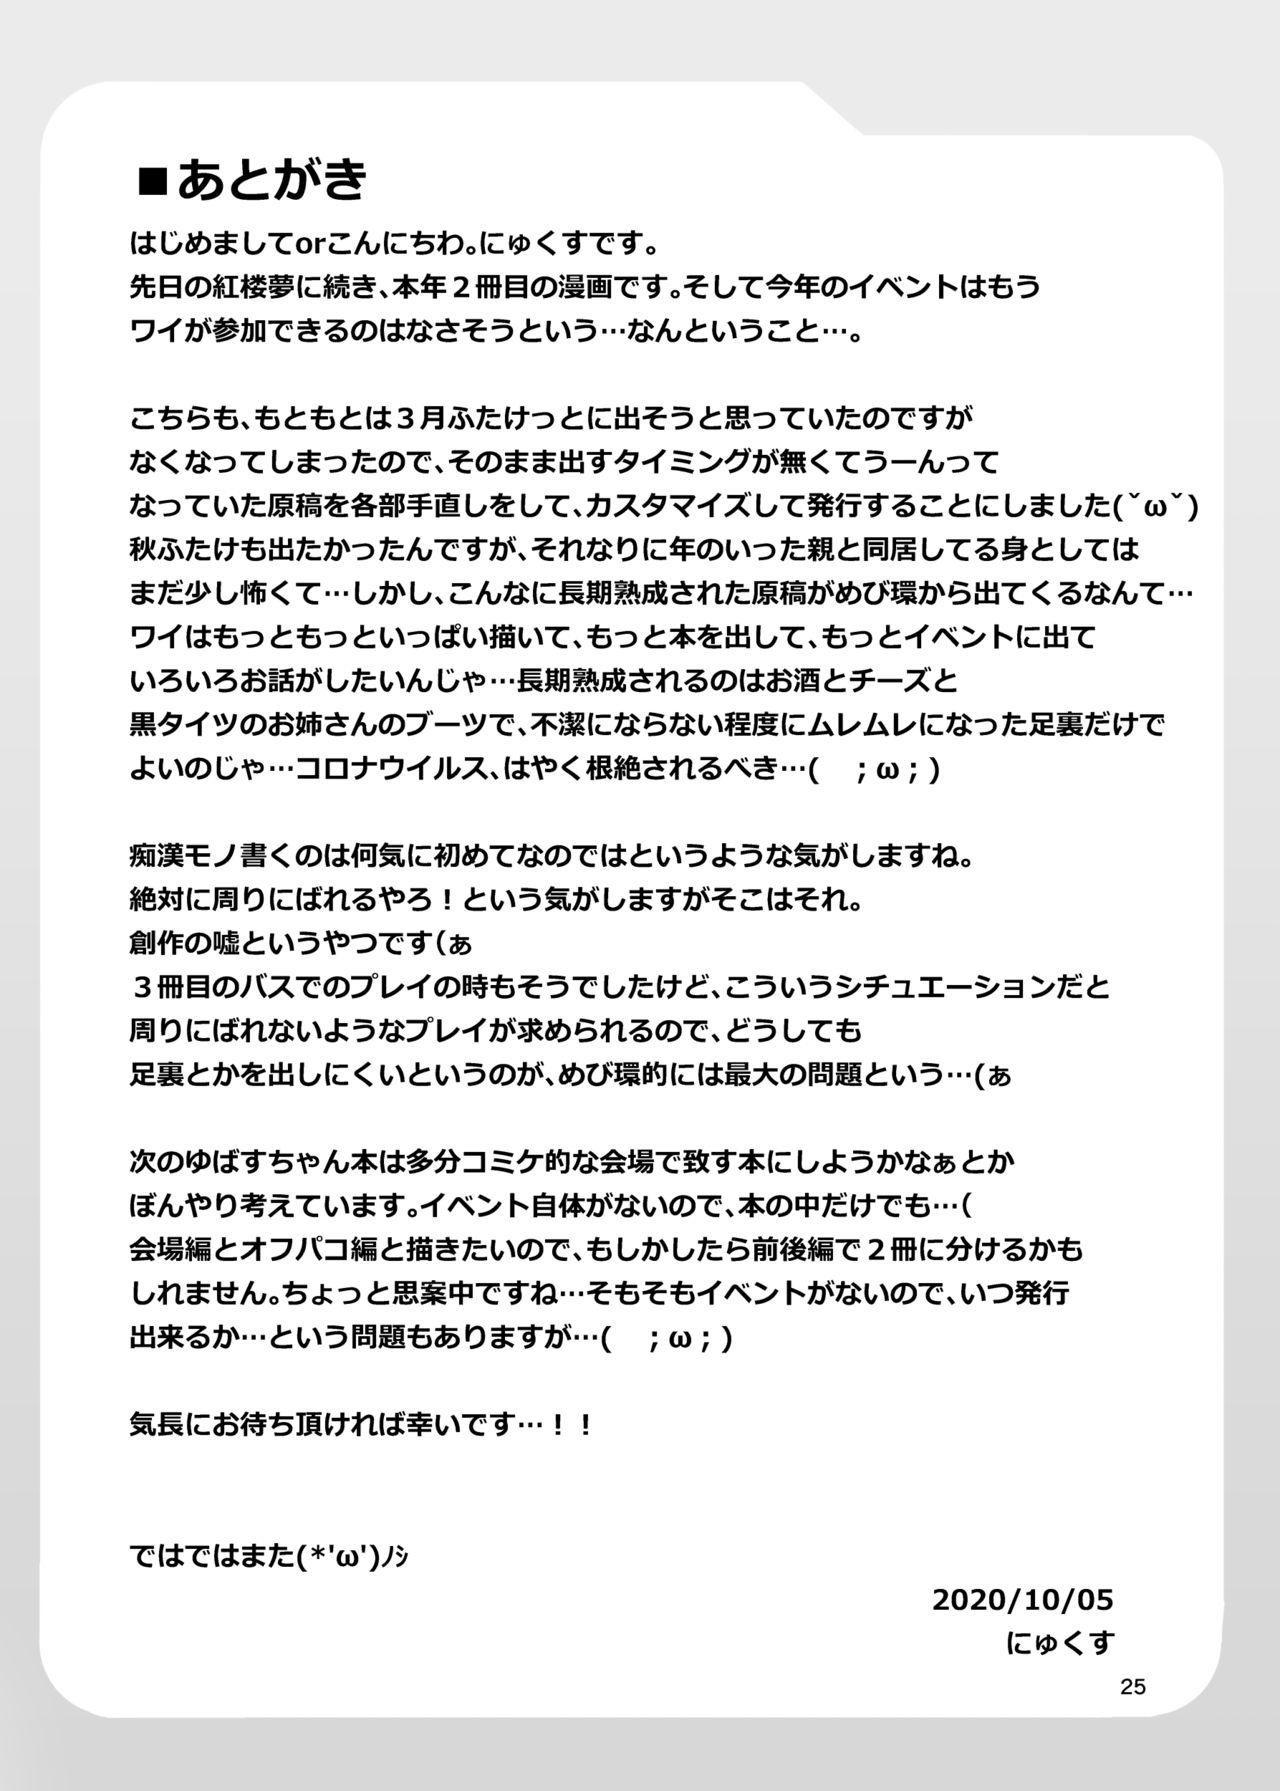 Futanari Kuro Tights no Succubus JK ni Oshiri Horaretai! Vol. 5 24